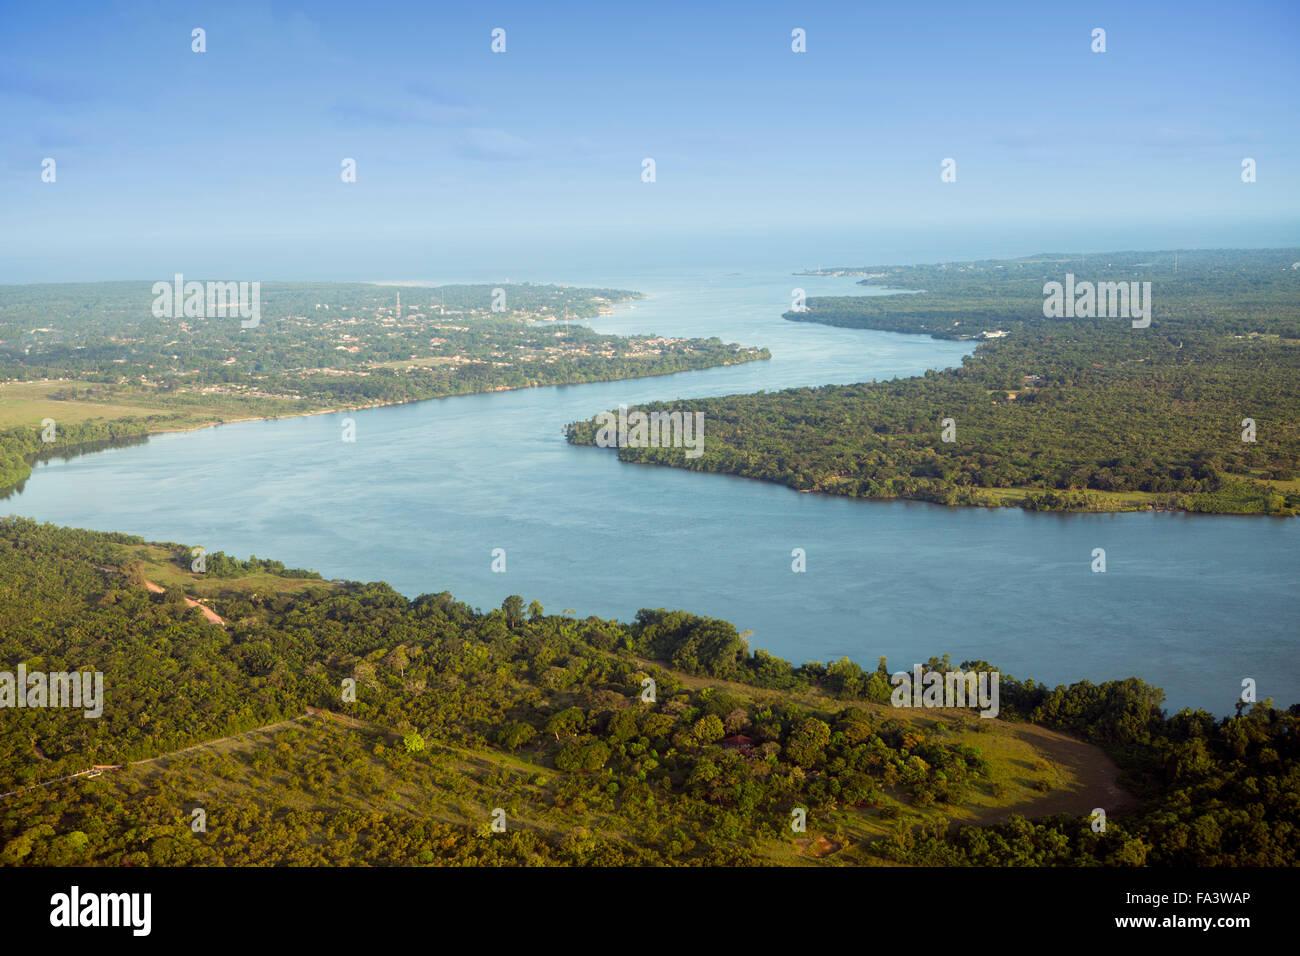 Soure village et l'embouchure de la rivière Paracauari sur l'île de Marajo, Brazilian Amazon, Photo Stock